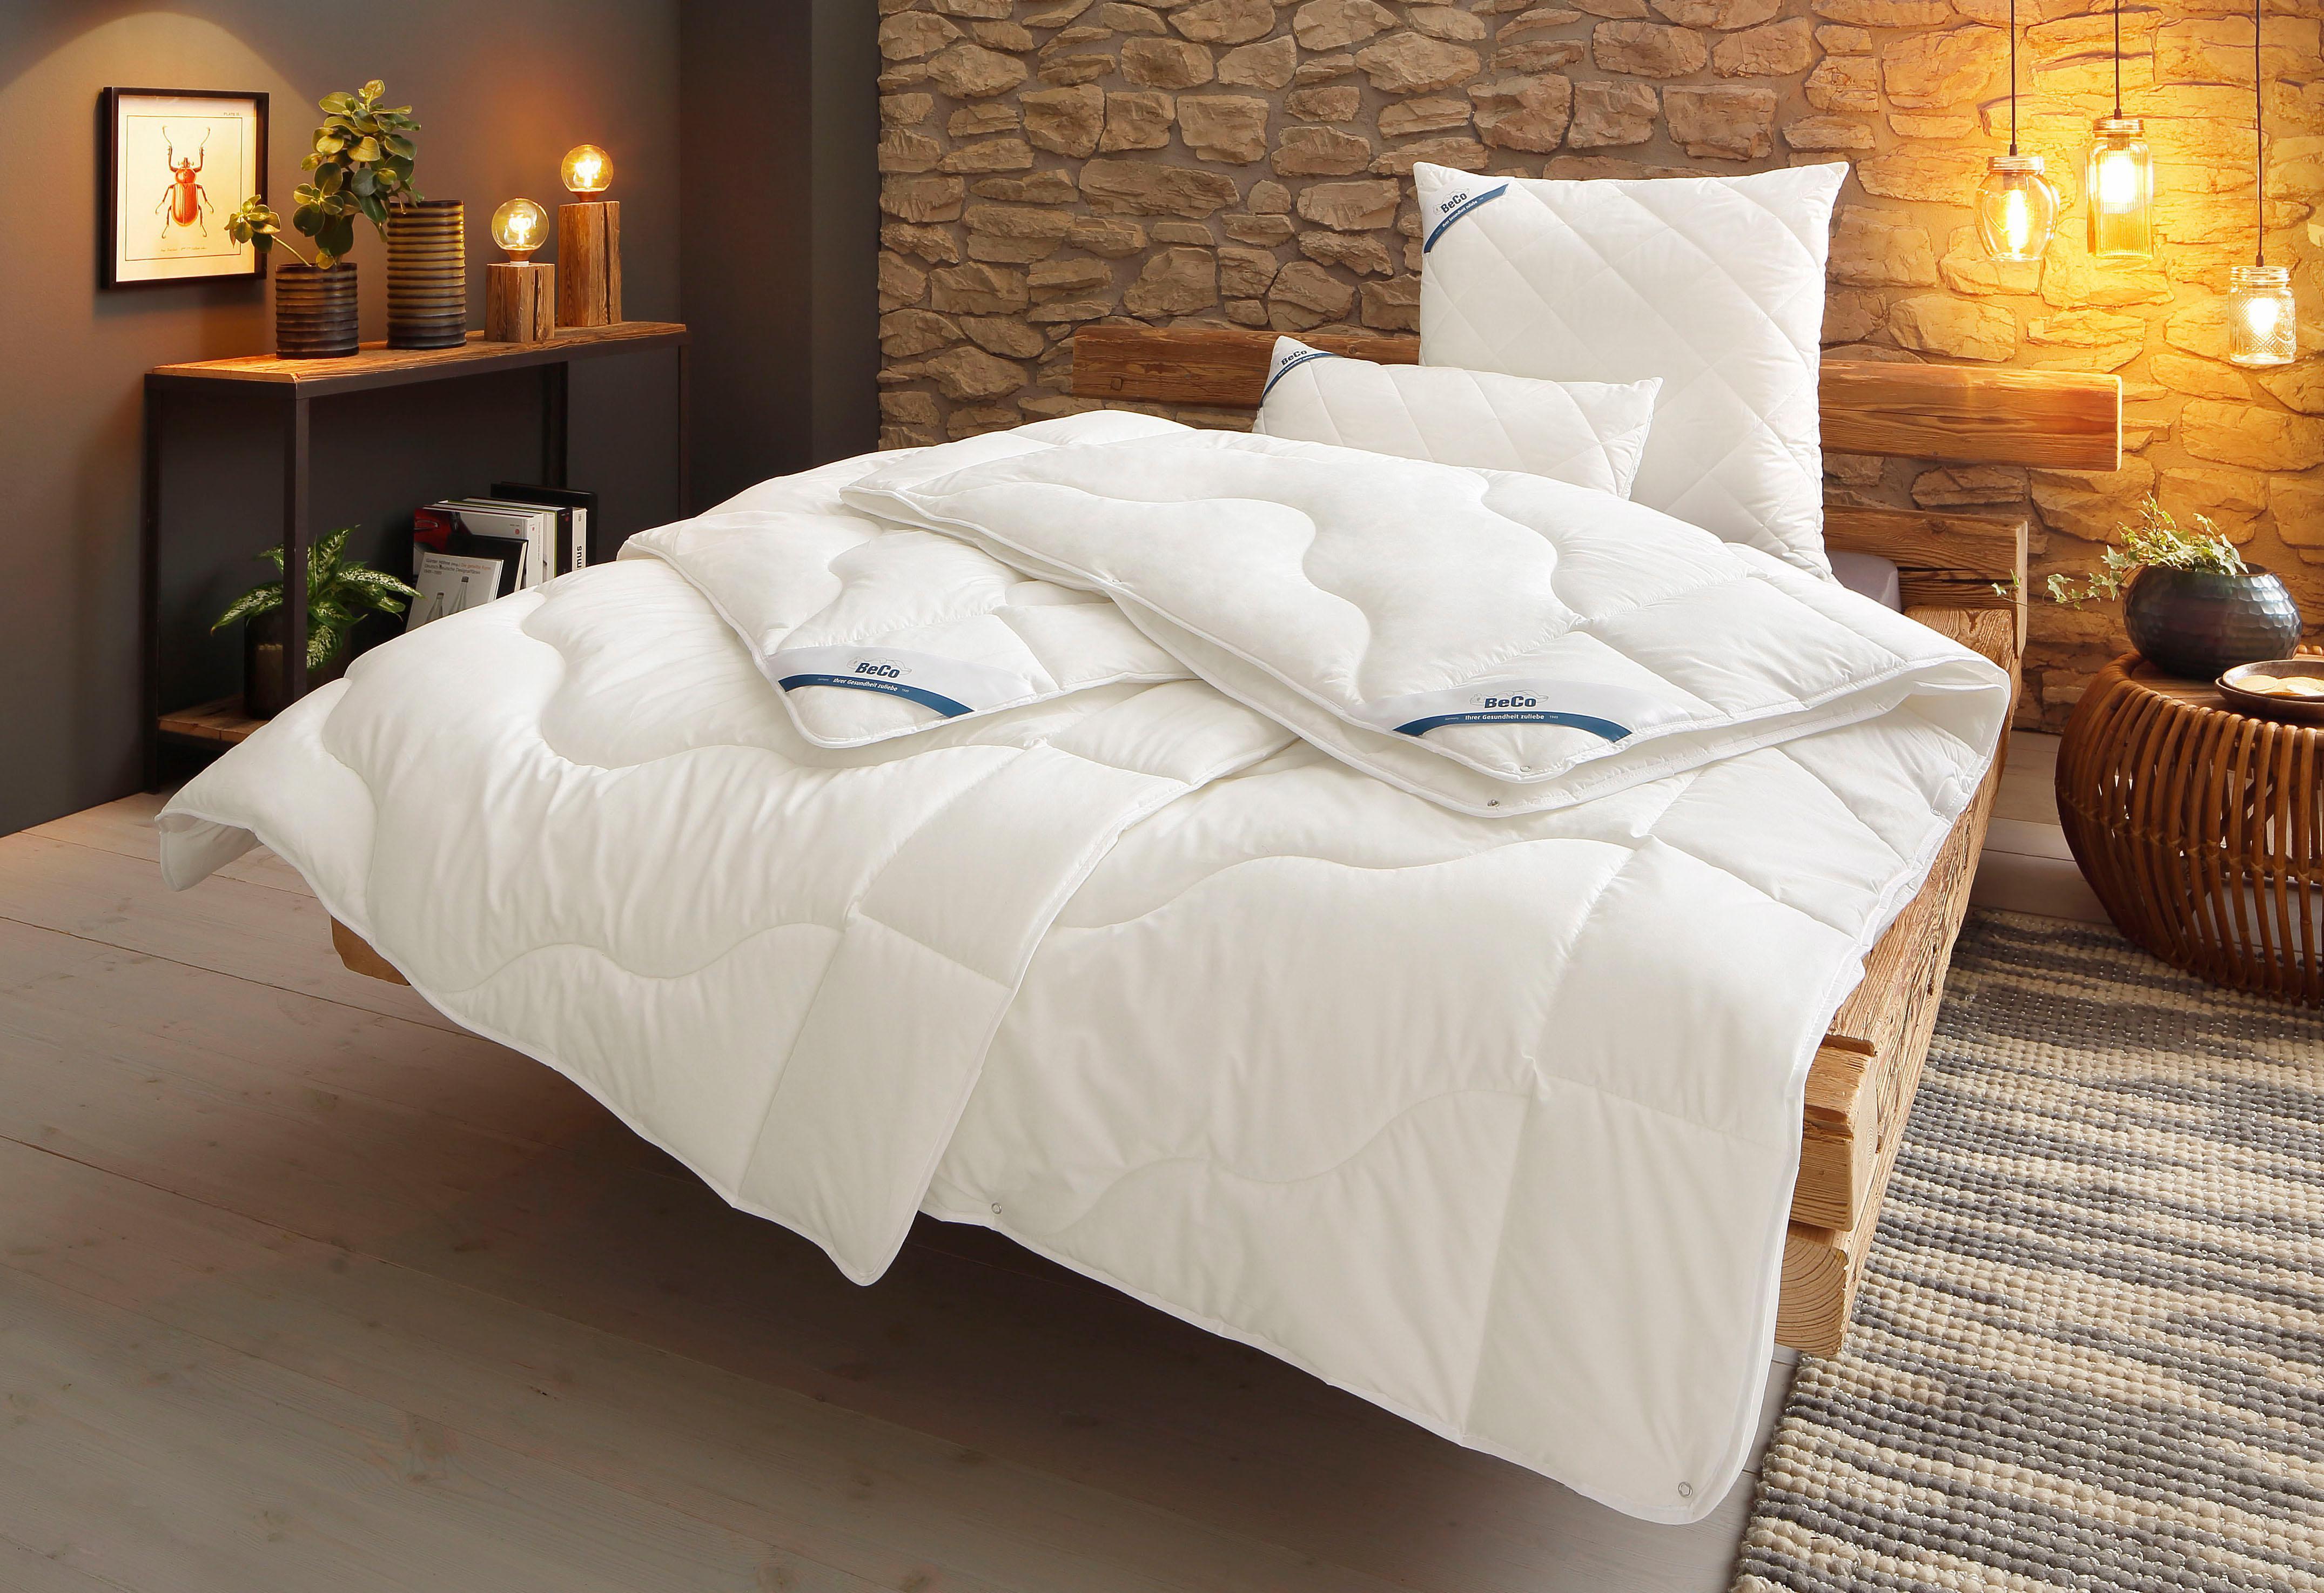 g nstige bettdecken online kaufen bettw sche jersey 135x200 farben f rs schlafzimmer ideen. Black Bedroom Furniture Sets. Home Design Ideas